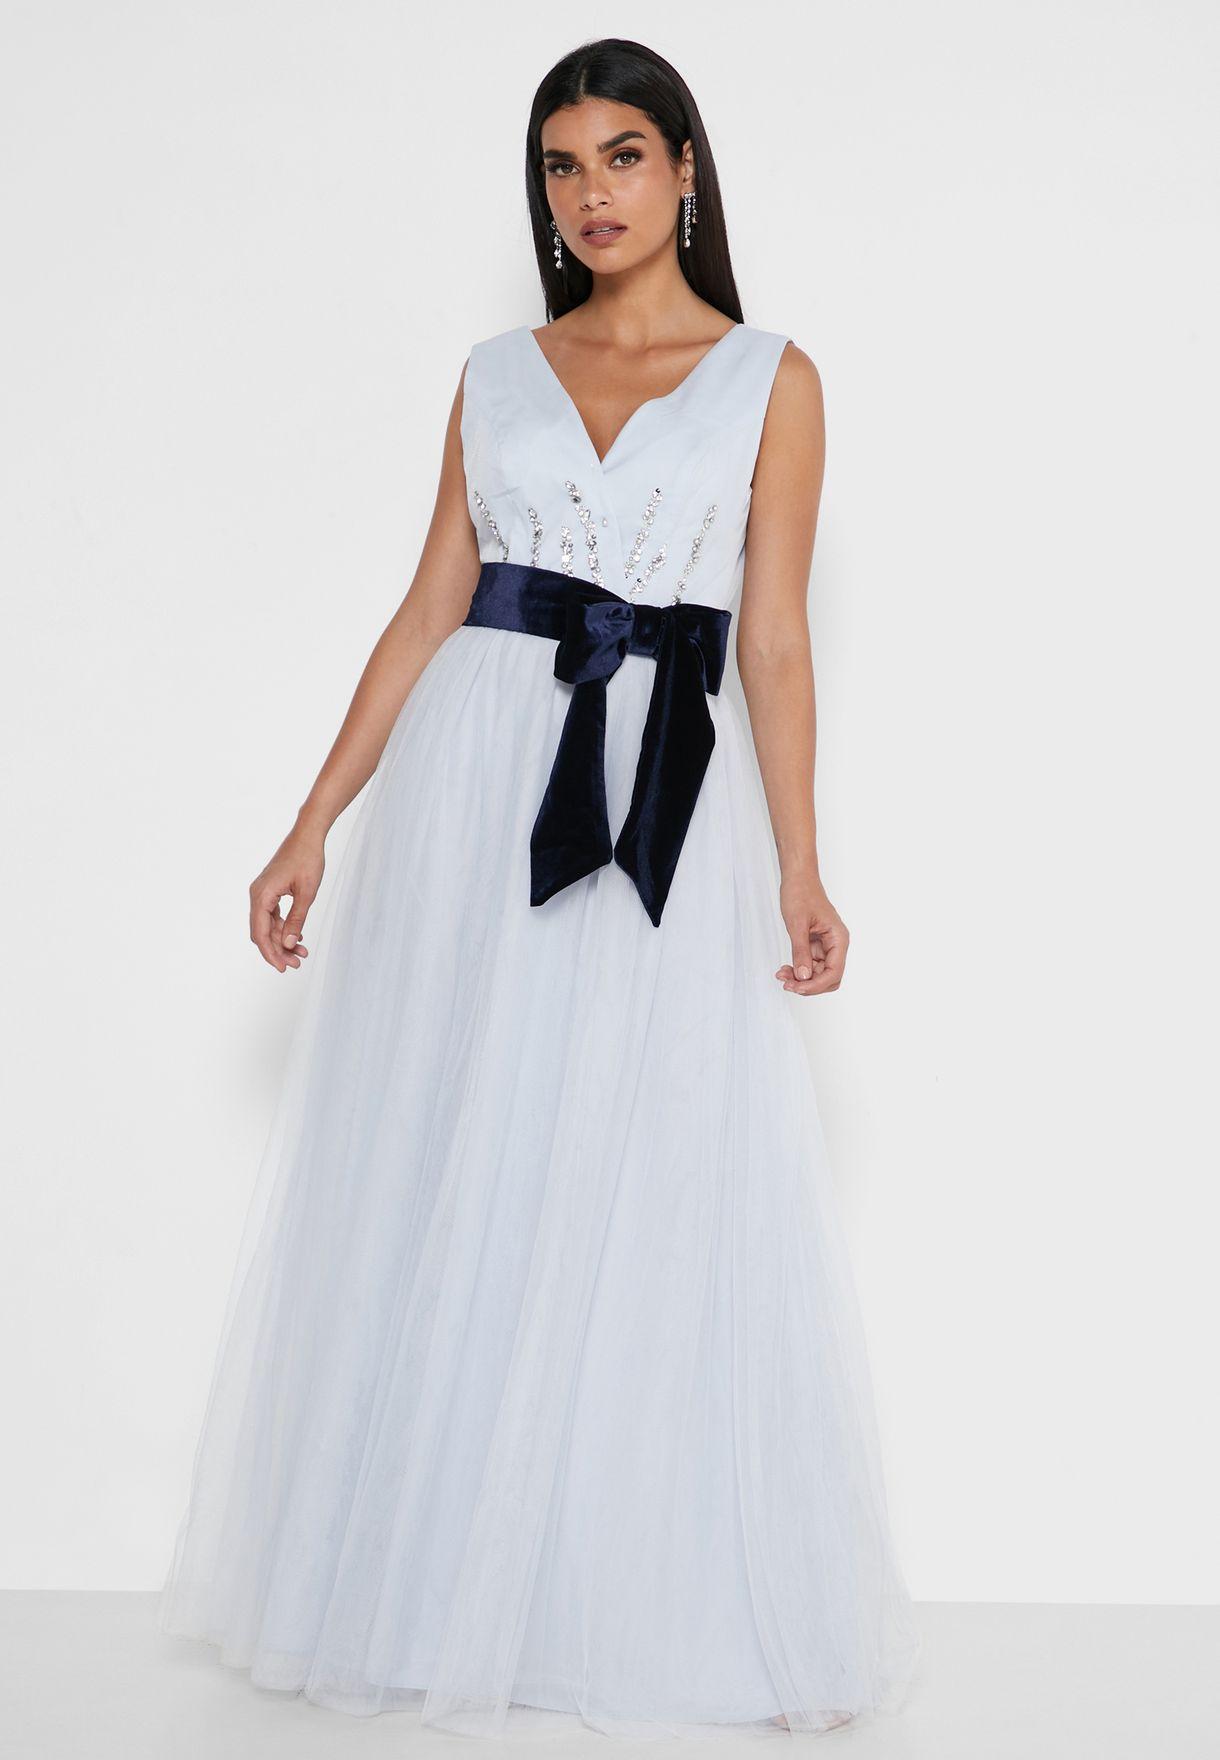 فستان مزين باحجار الراين